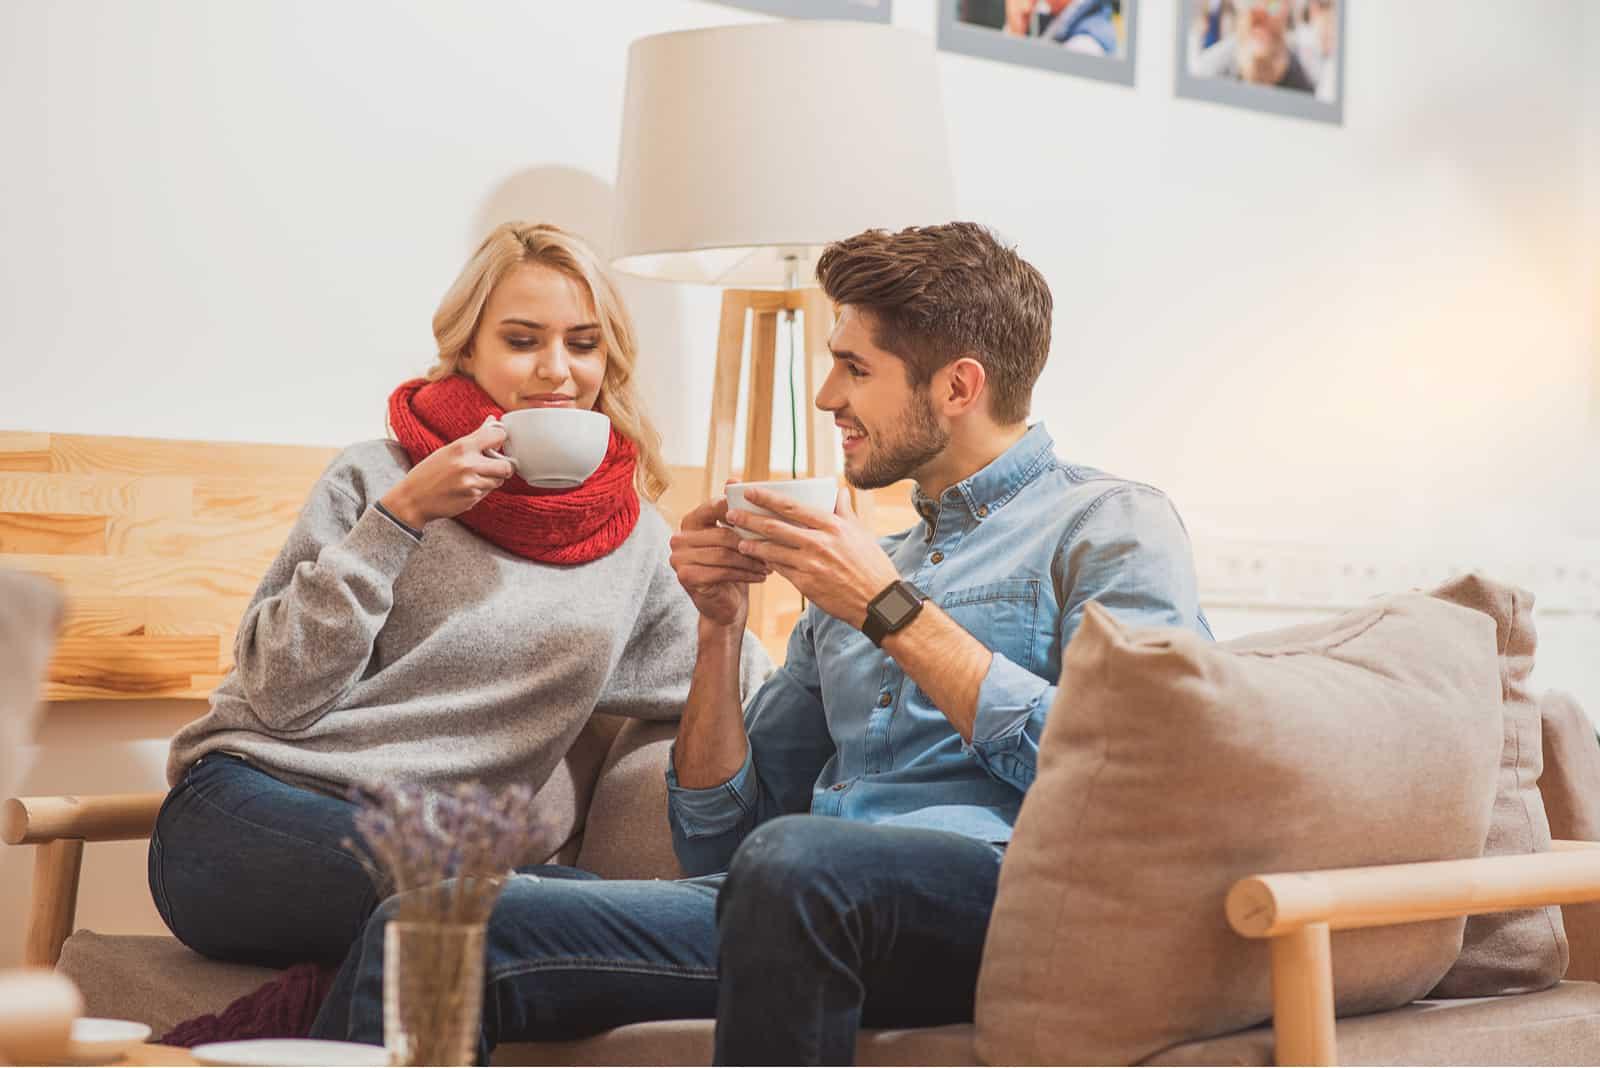 un couple amoureux assis et buvant du café